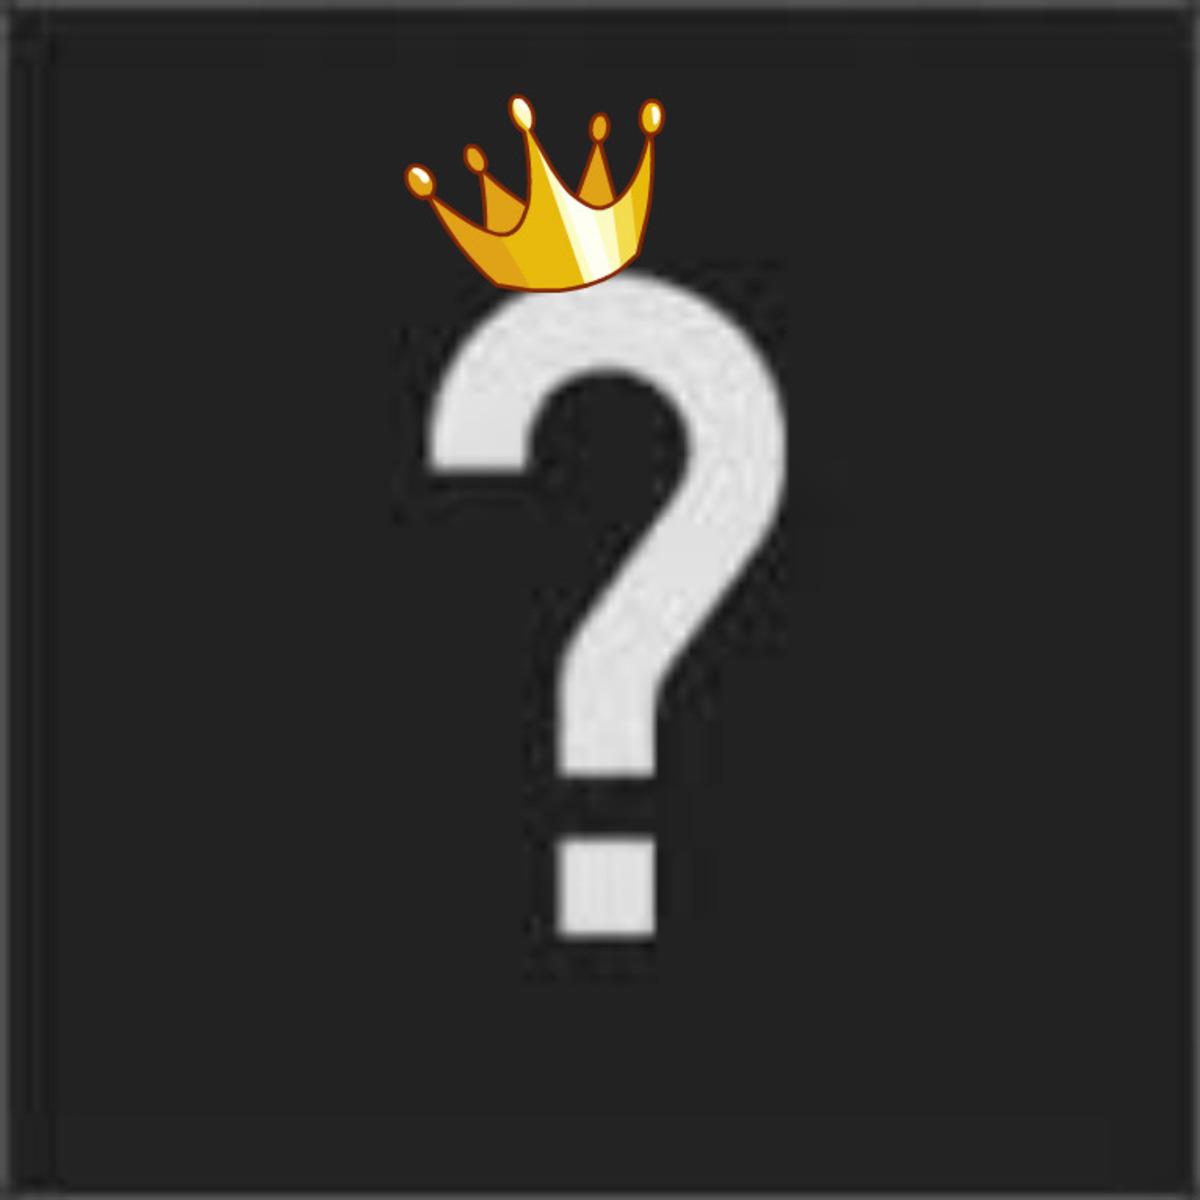 картинка вопрос с короной подозревают